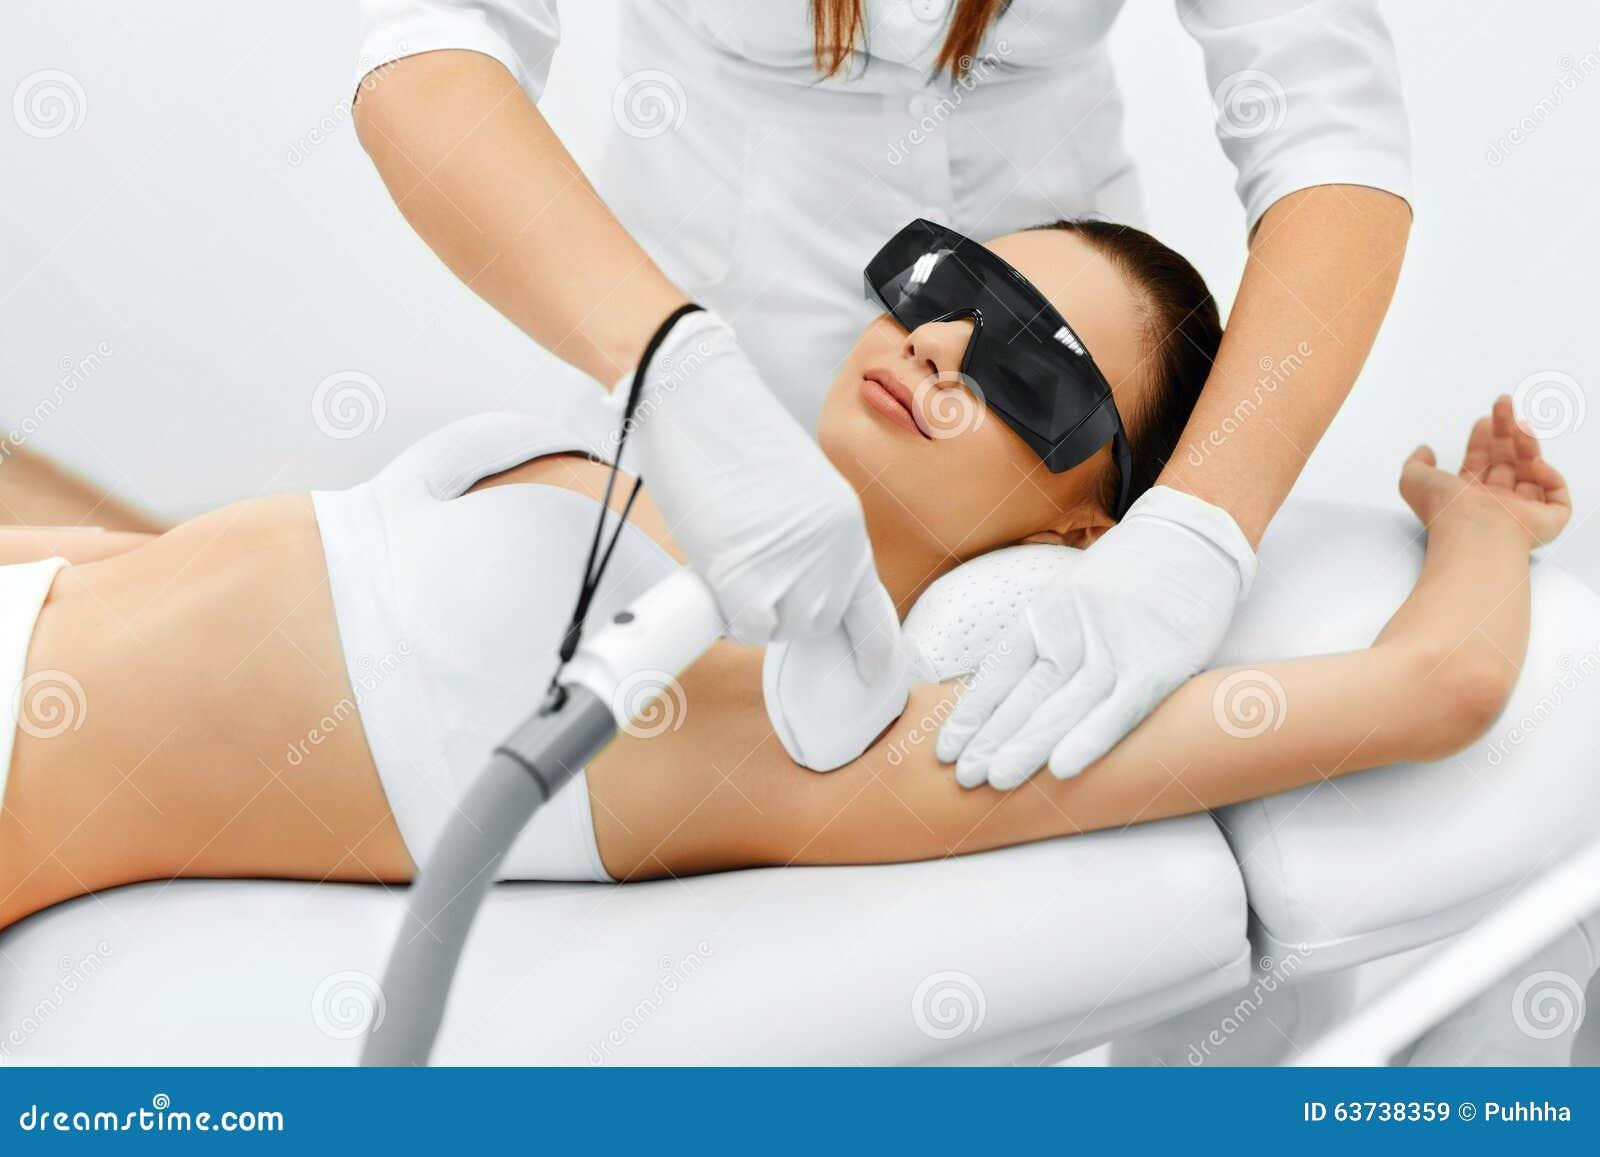 De voet van de vrouw in het water De Verwijdering van het laserhaar Epilationbehandeling Vlotte Huid